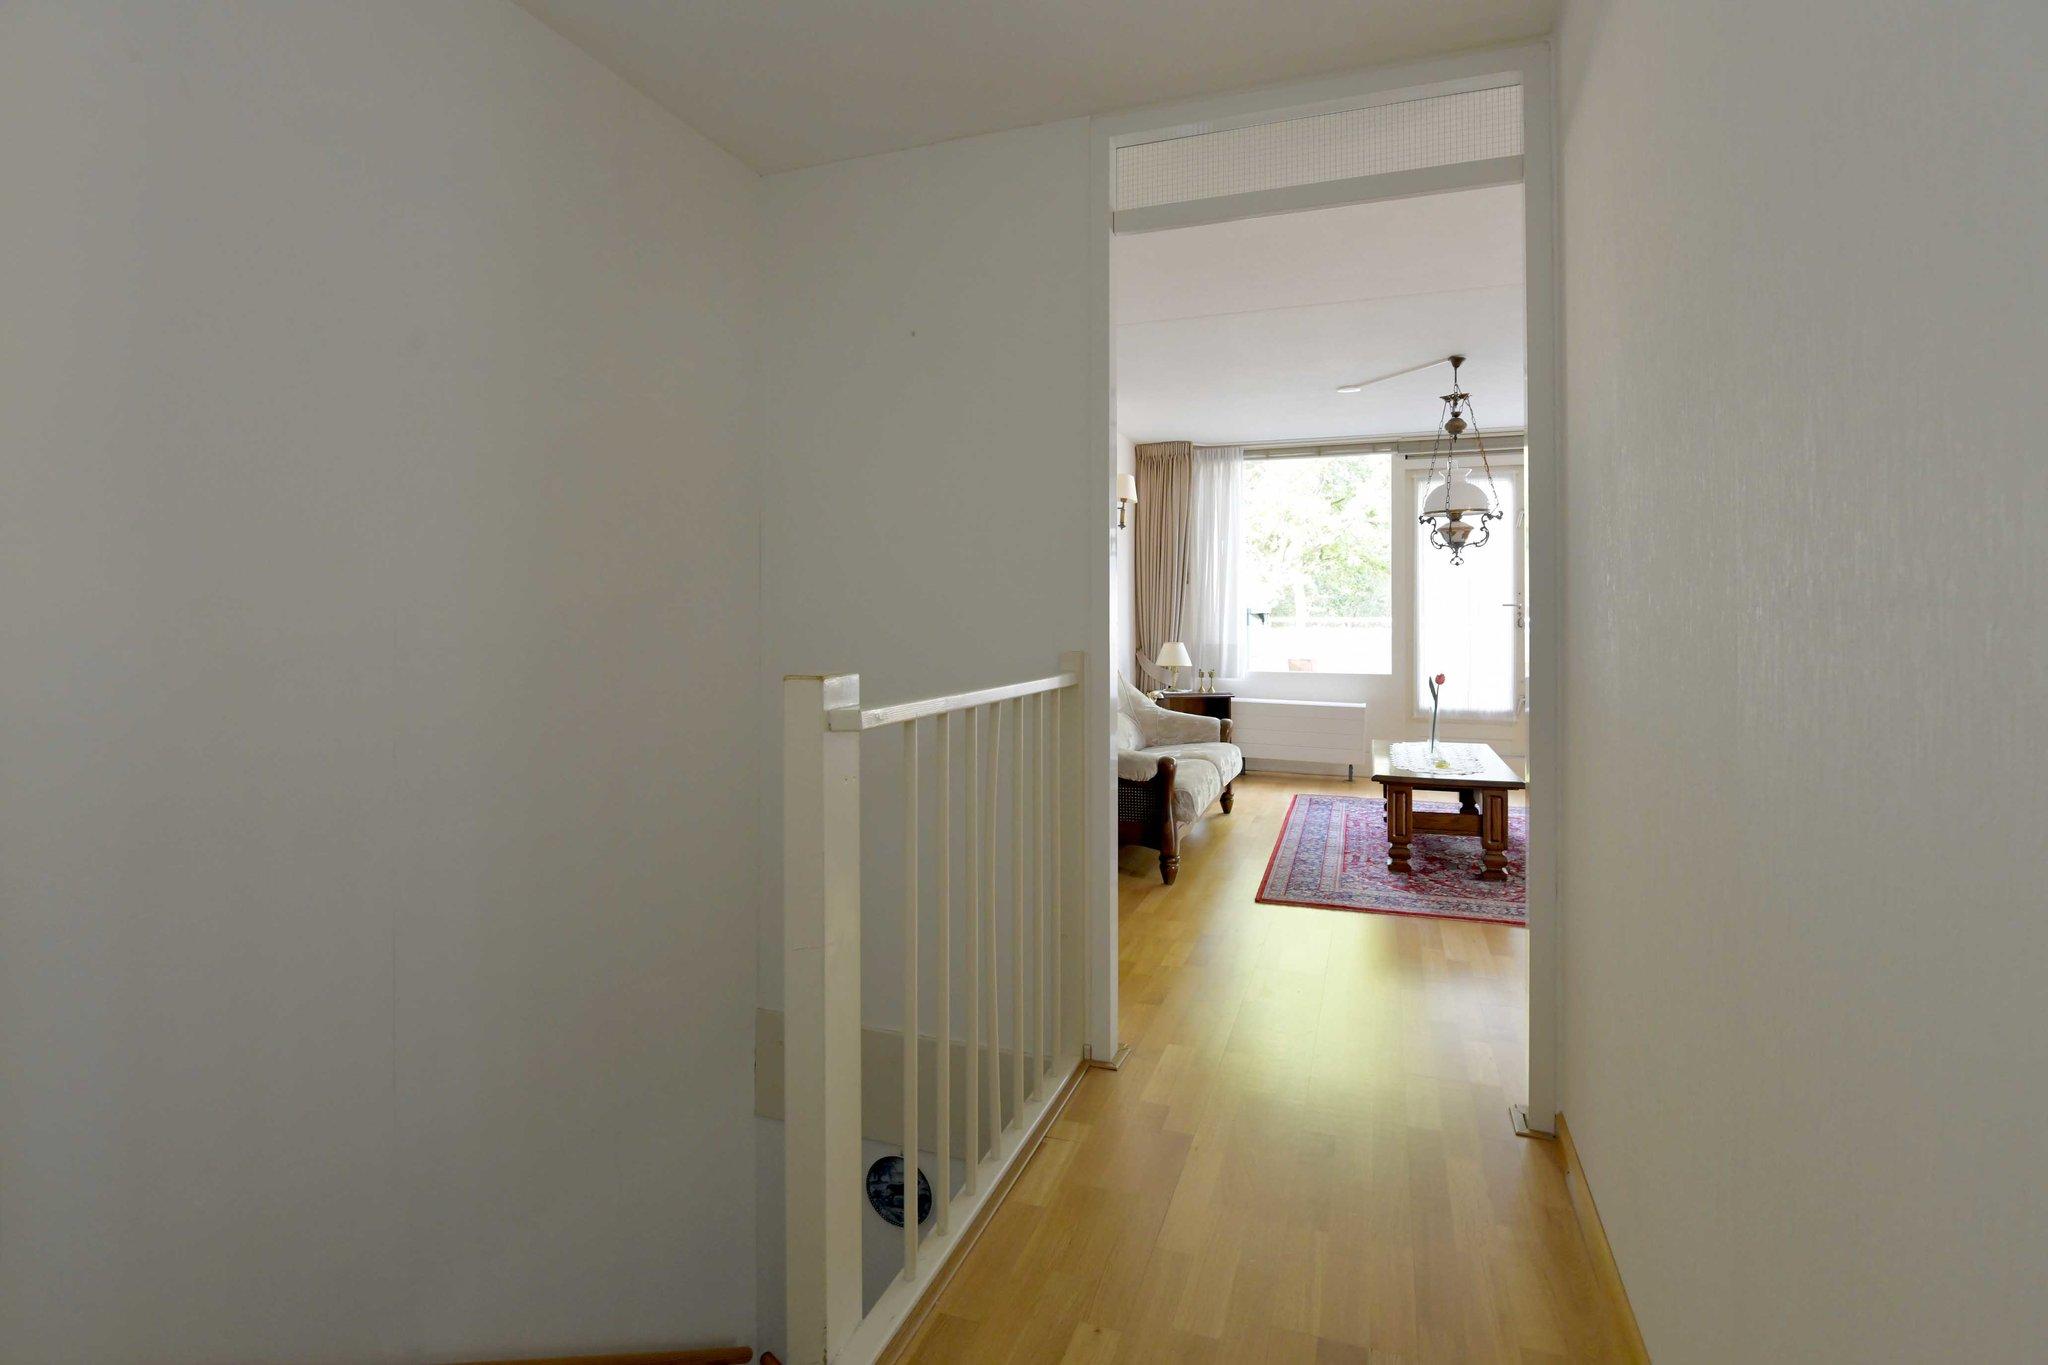 deventer-johan-wensinkstraat-4207412-foto-13.jpg